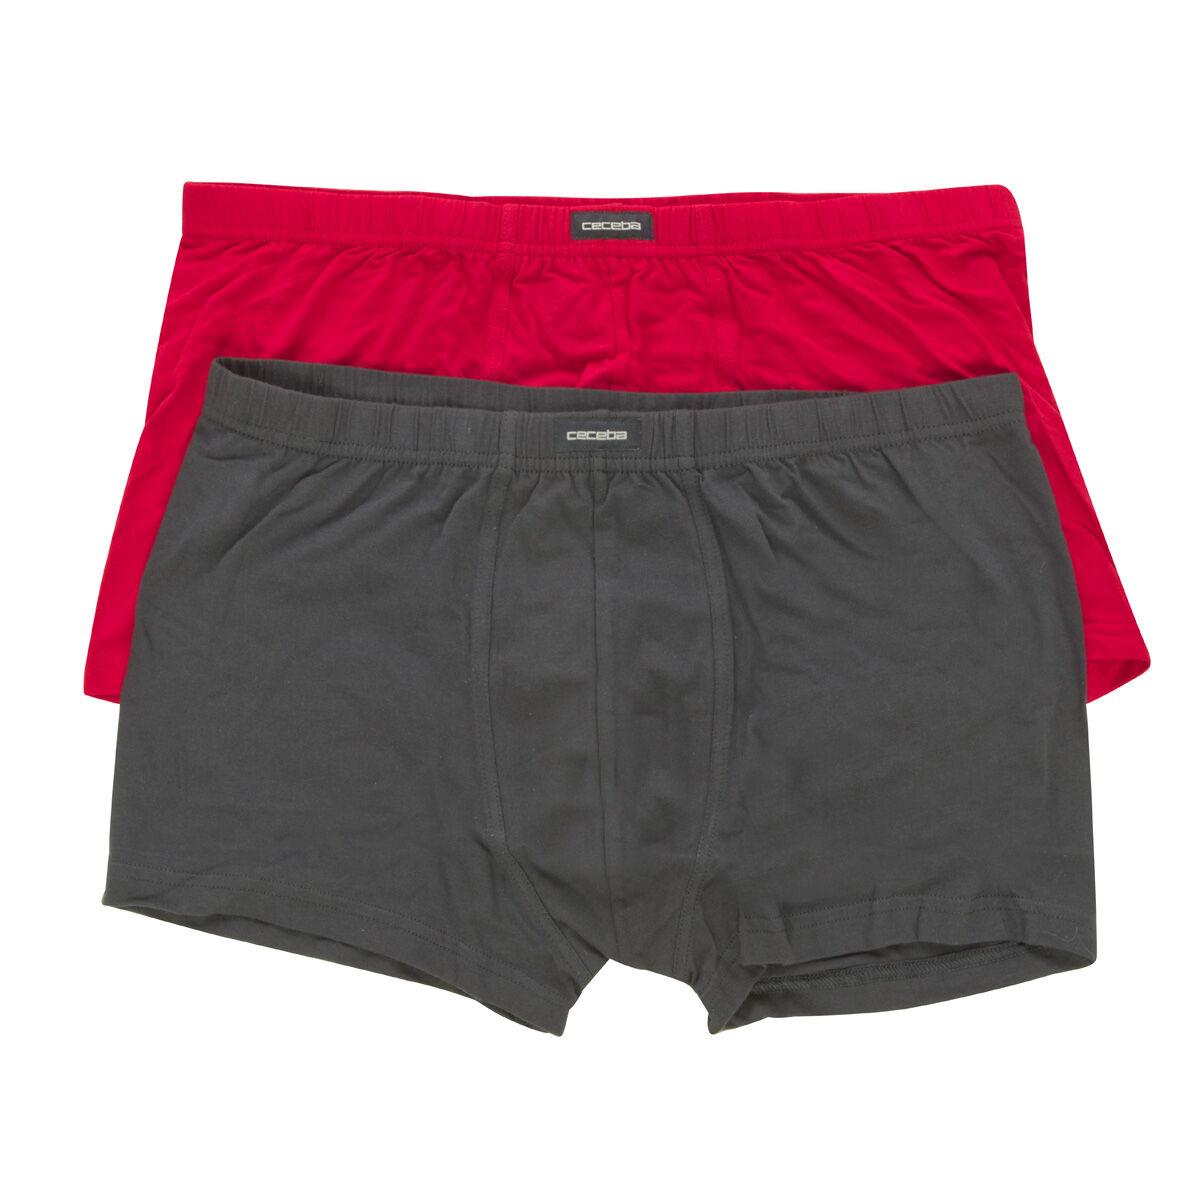 Ceceba Lot de 2 boxers Ceceba grande taille noir et rouge;